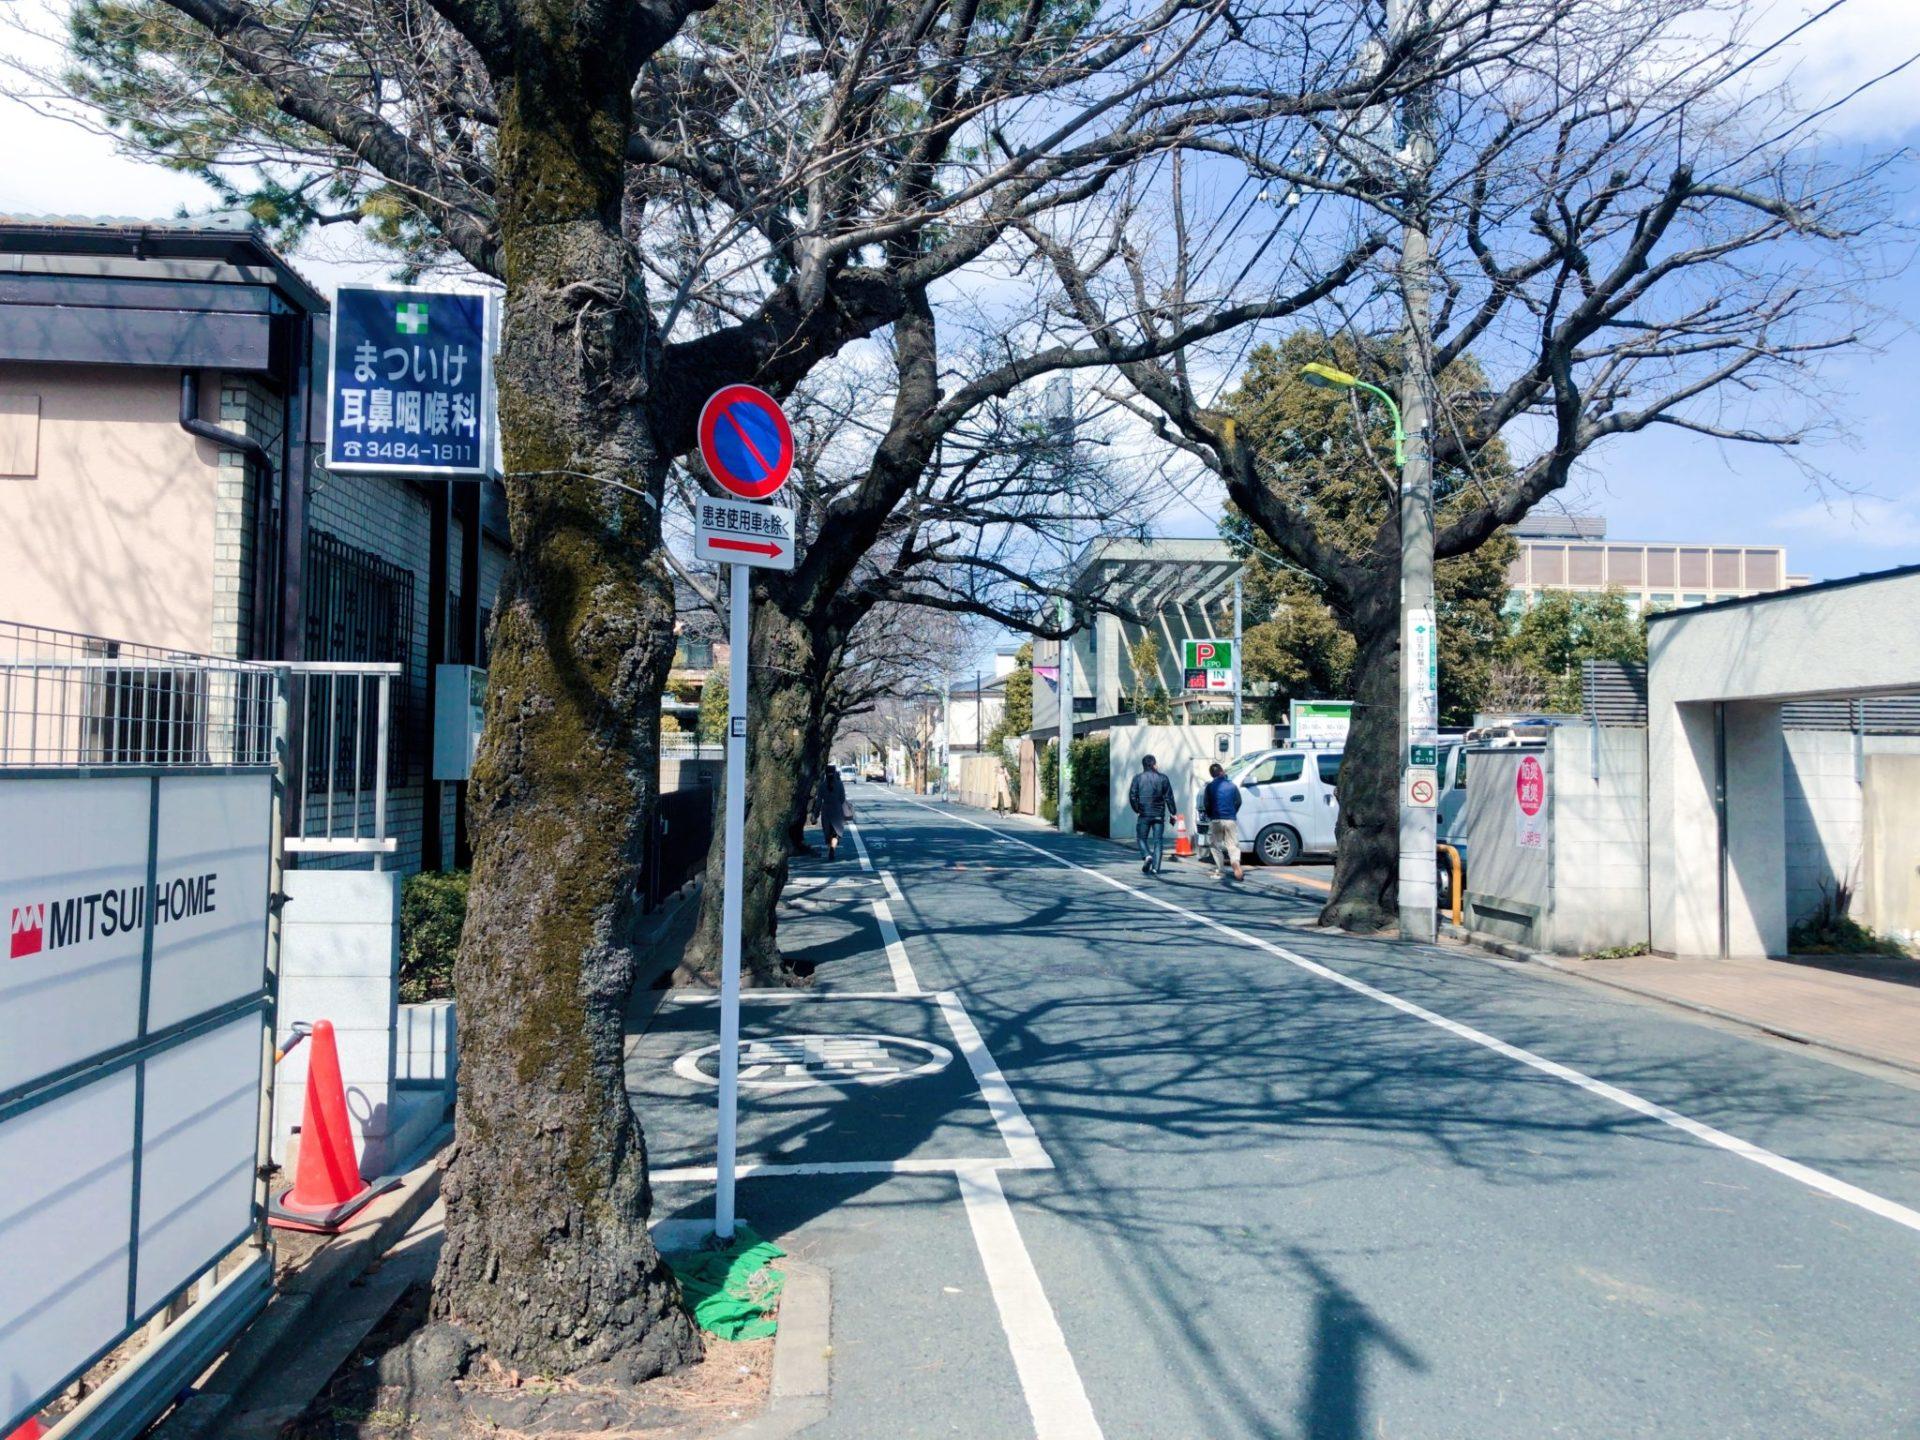 とんかつ椿 成城の行き方 住宅街をまっすぐ